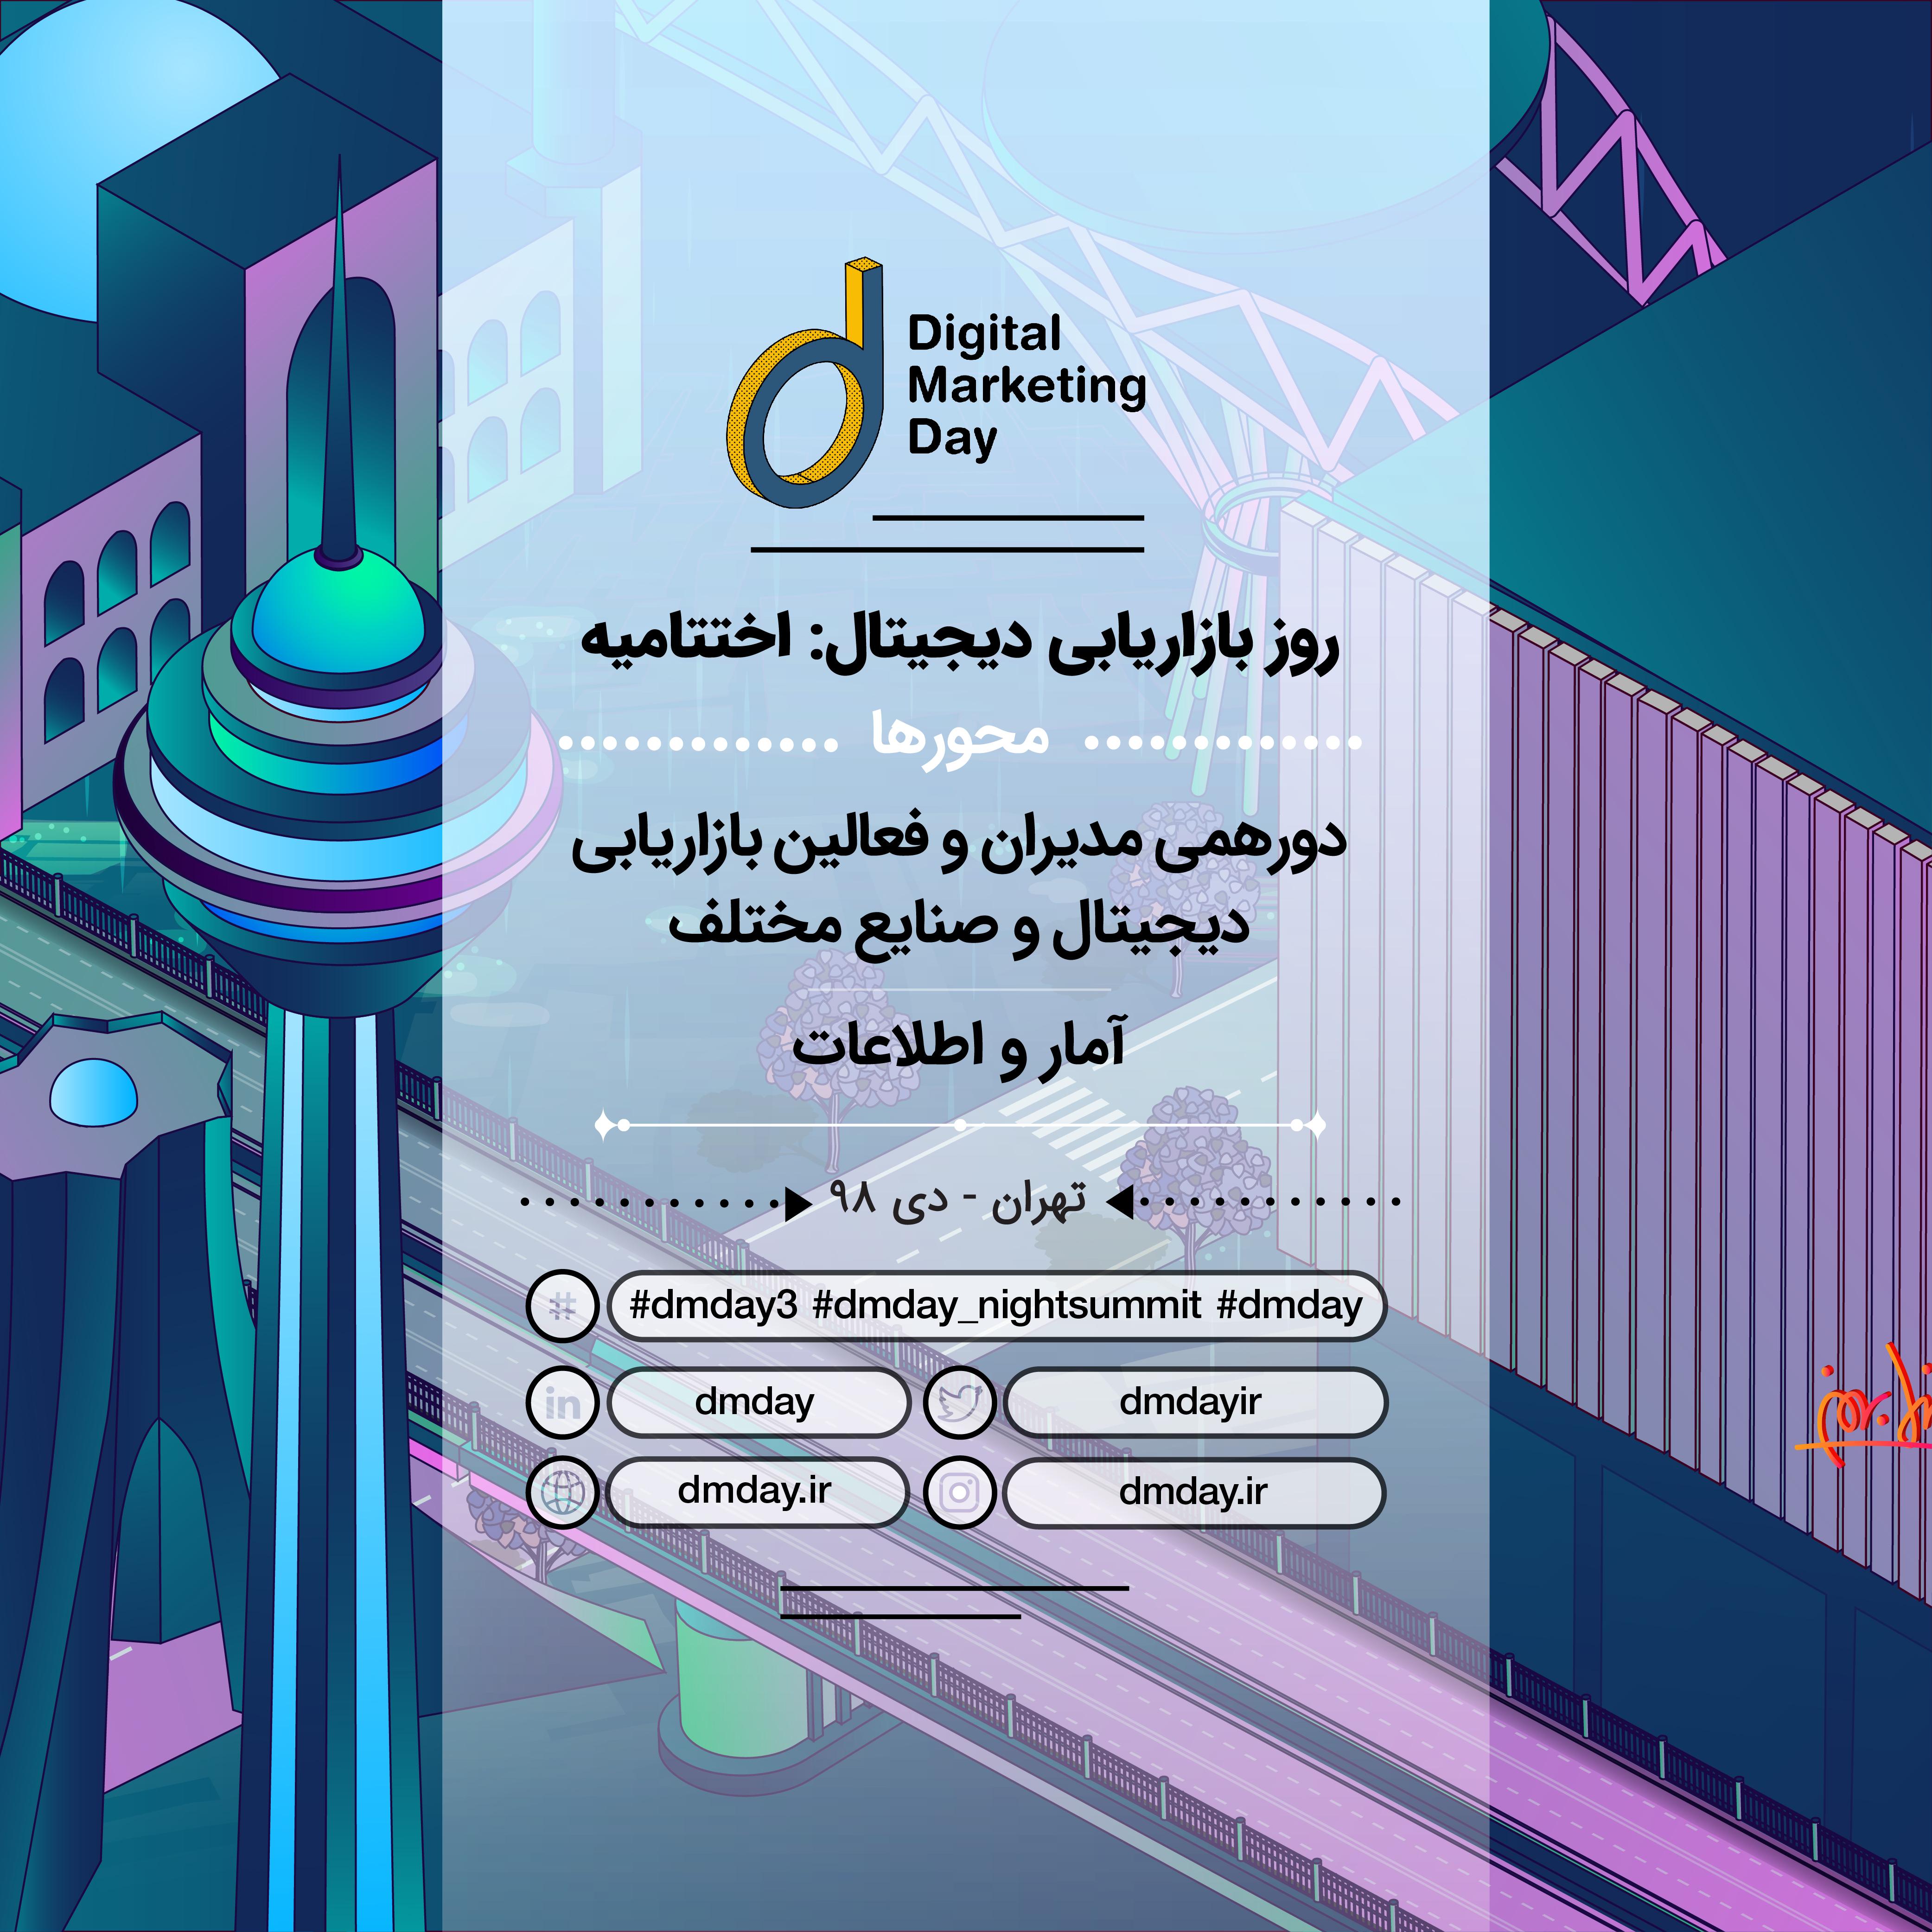 بخش اختتامیه سومین دوره رویداد روز بازاریابی دیجیتال!